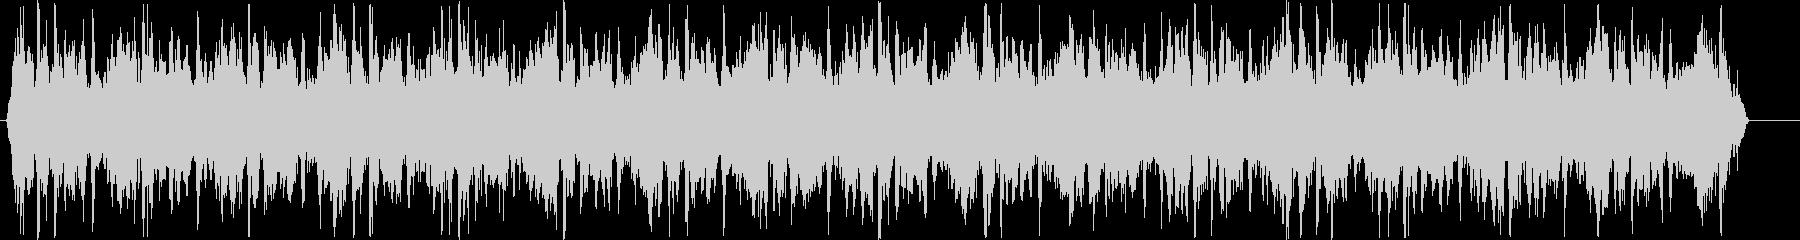 オイルポンプ;オイルポンプ;モータ...の未再生の波形